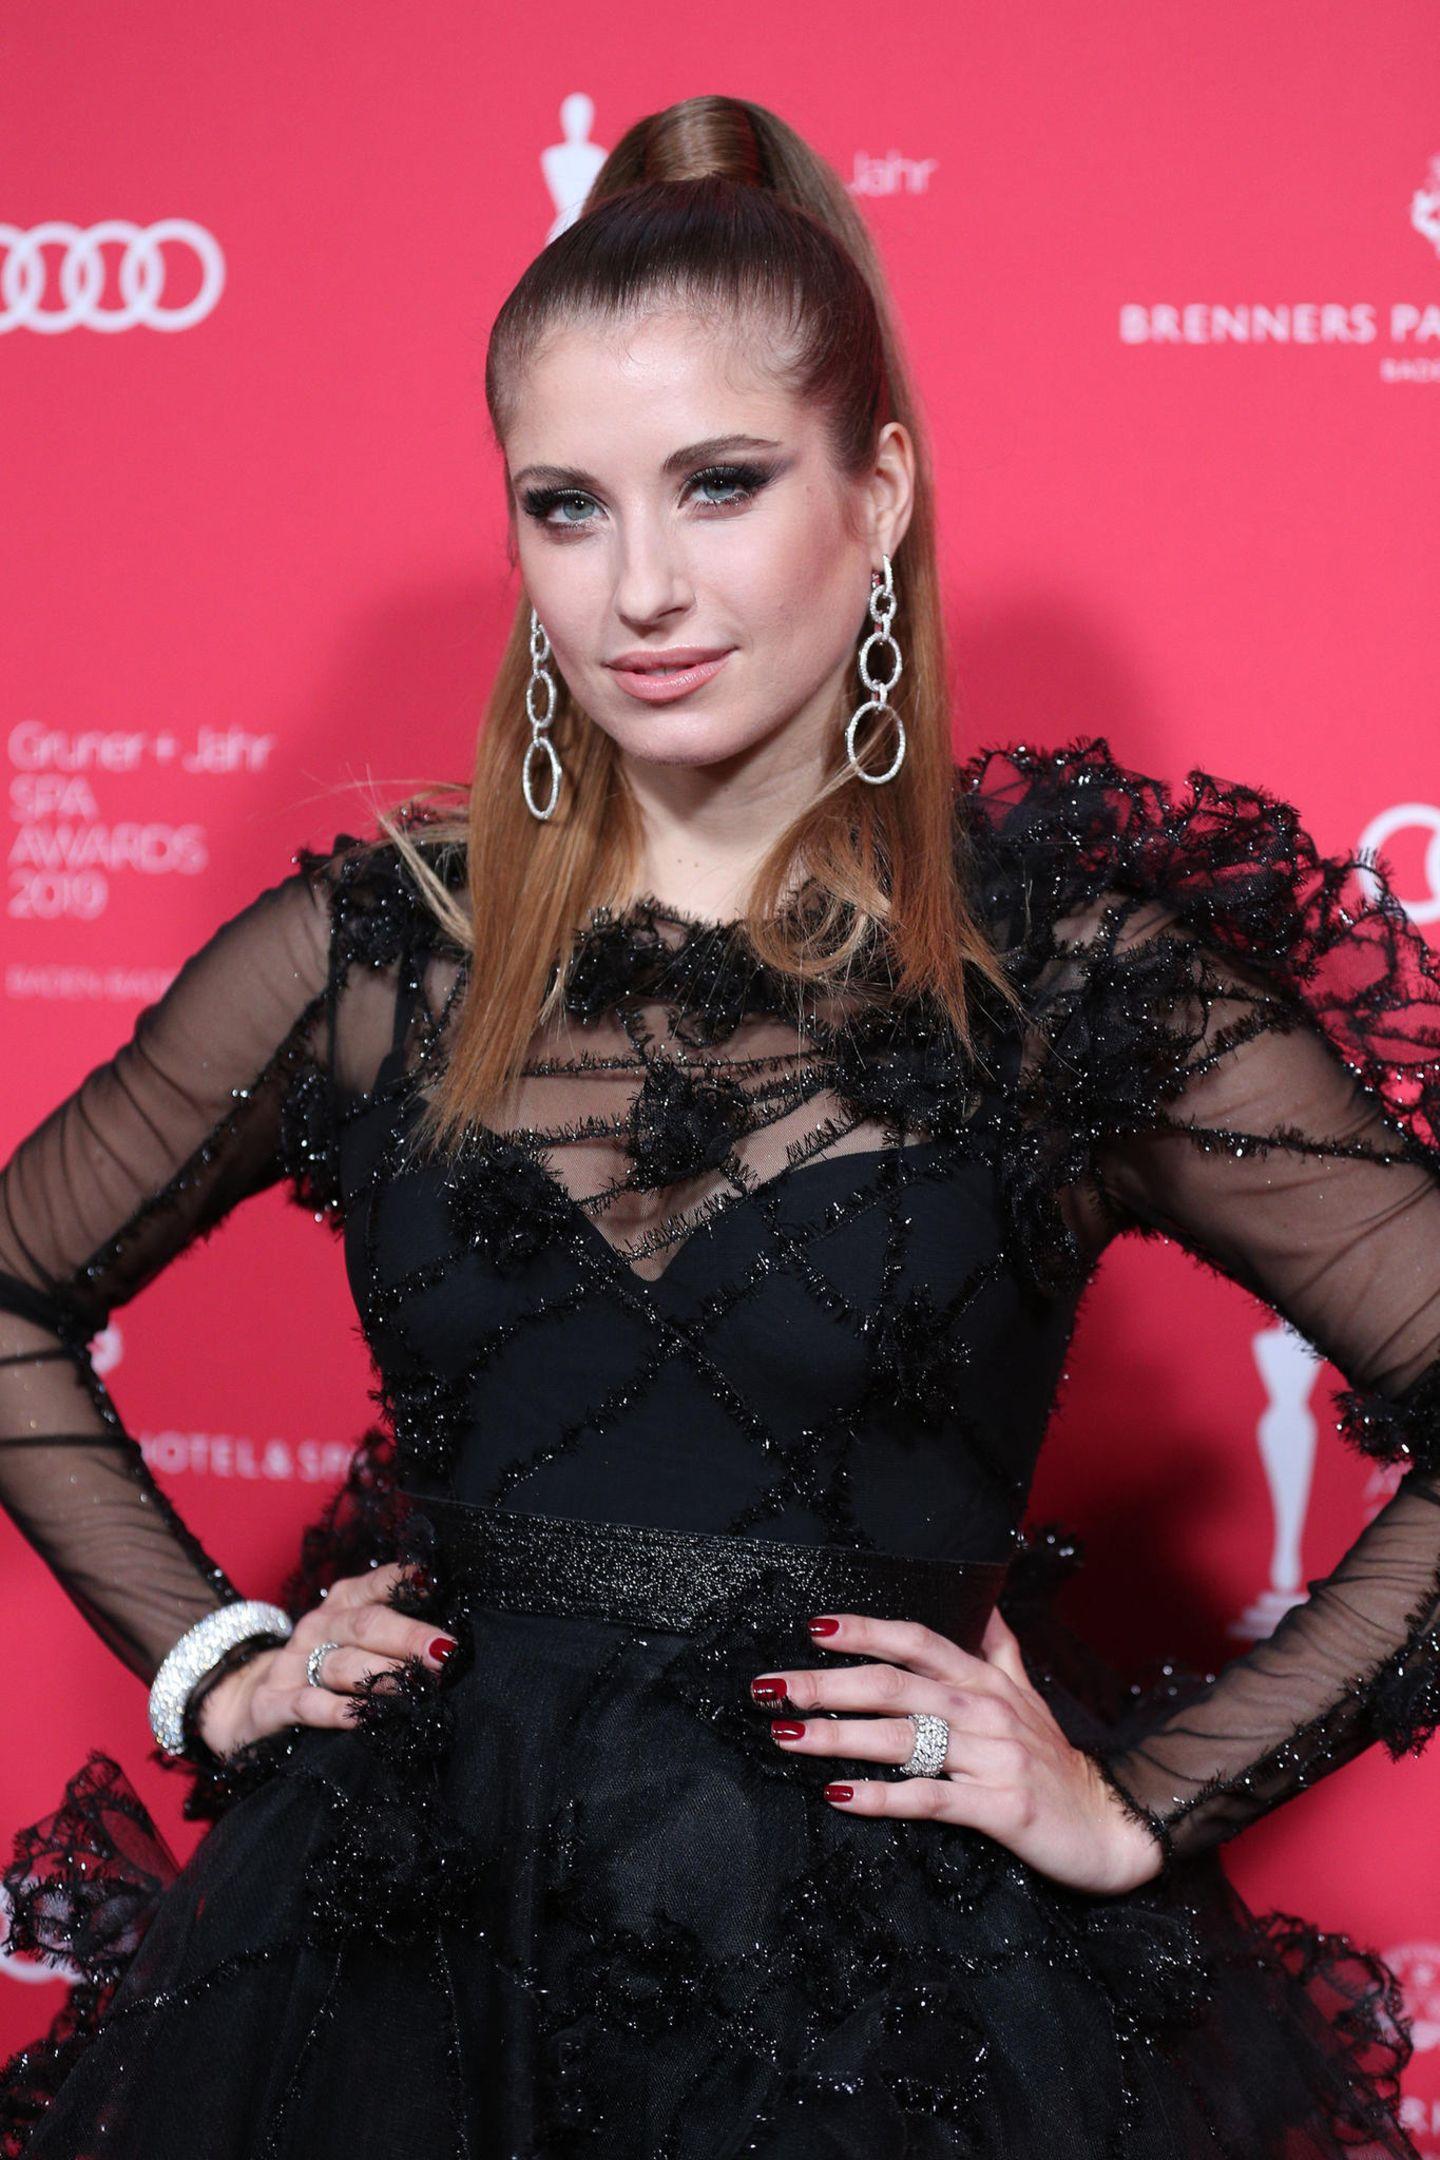 Geheimnisvoll in Schwarz: Cathy Hummels trägt einen Glamour-Look von Irene Luft.